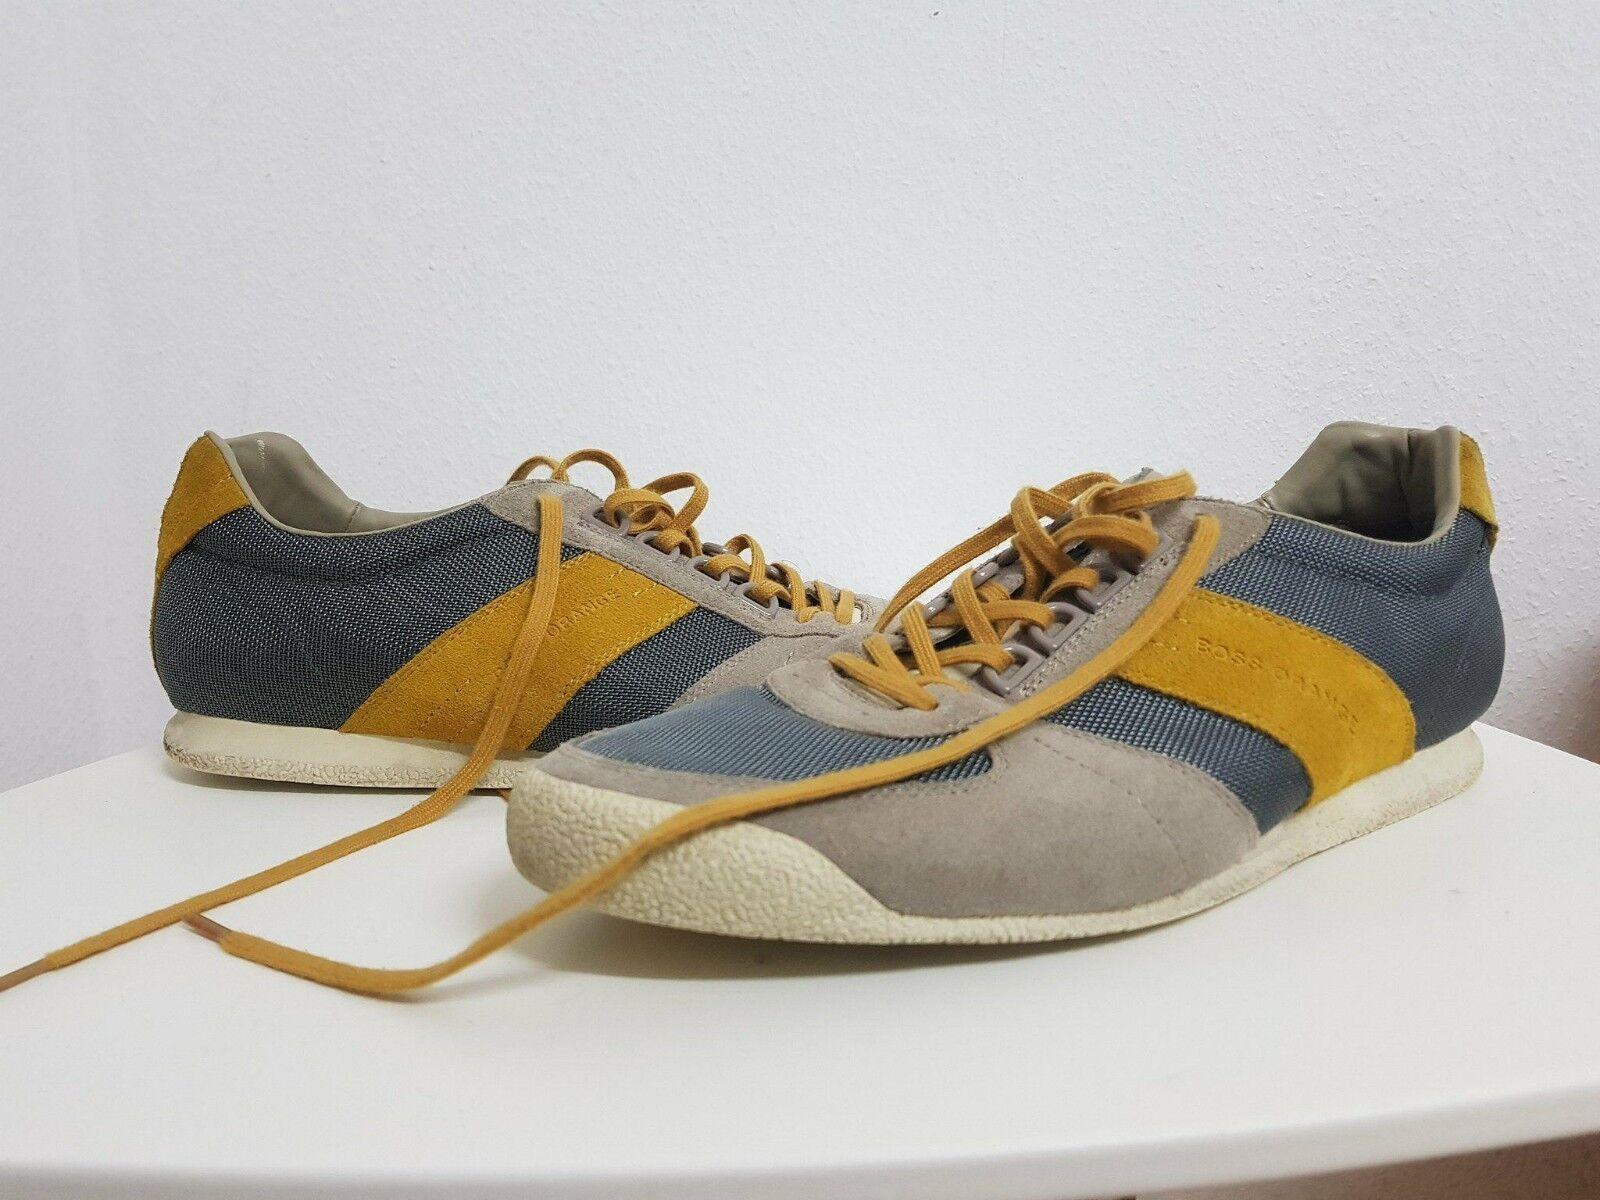 Turnschuhe, Schuhe von HUGO BOSS Orange, Modell Orleen  Gr. 45 grau    | Kaufen Sie beruhigt und glücklich spielen